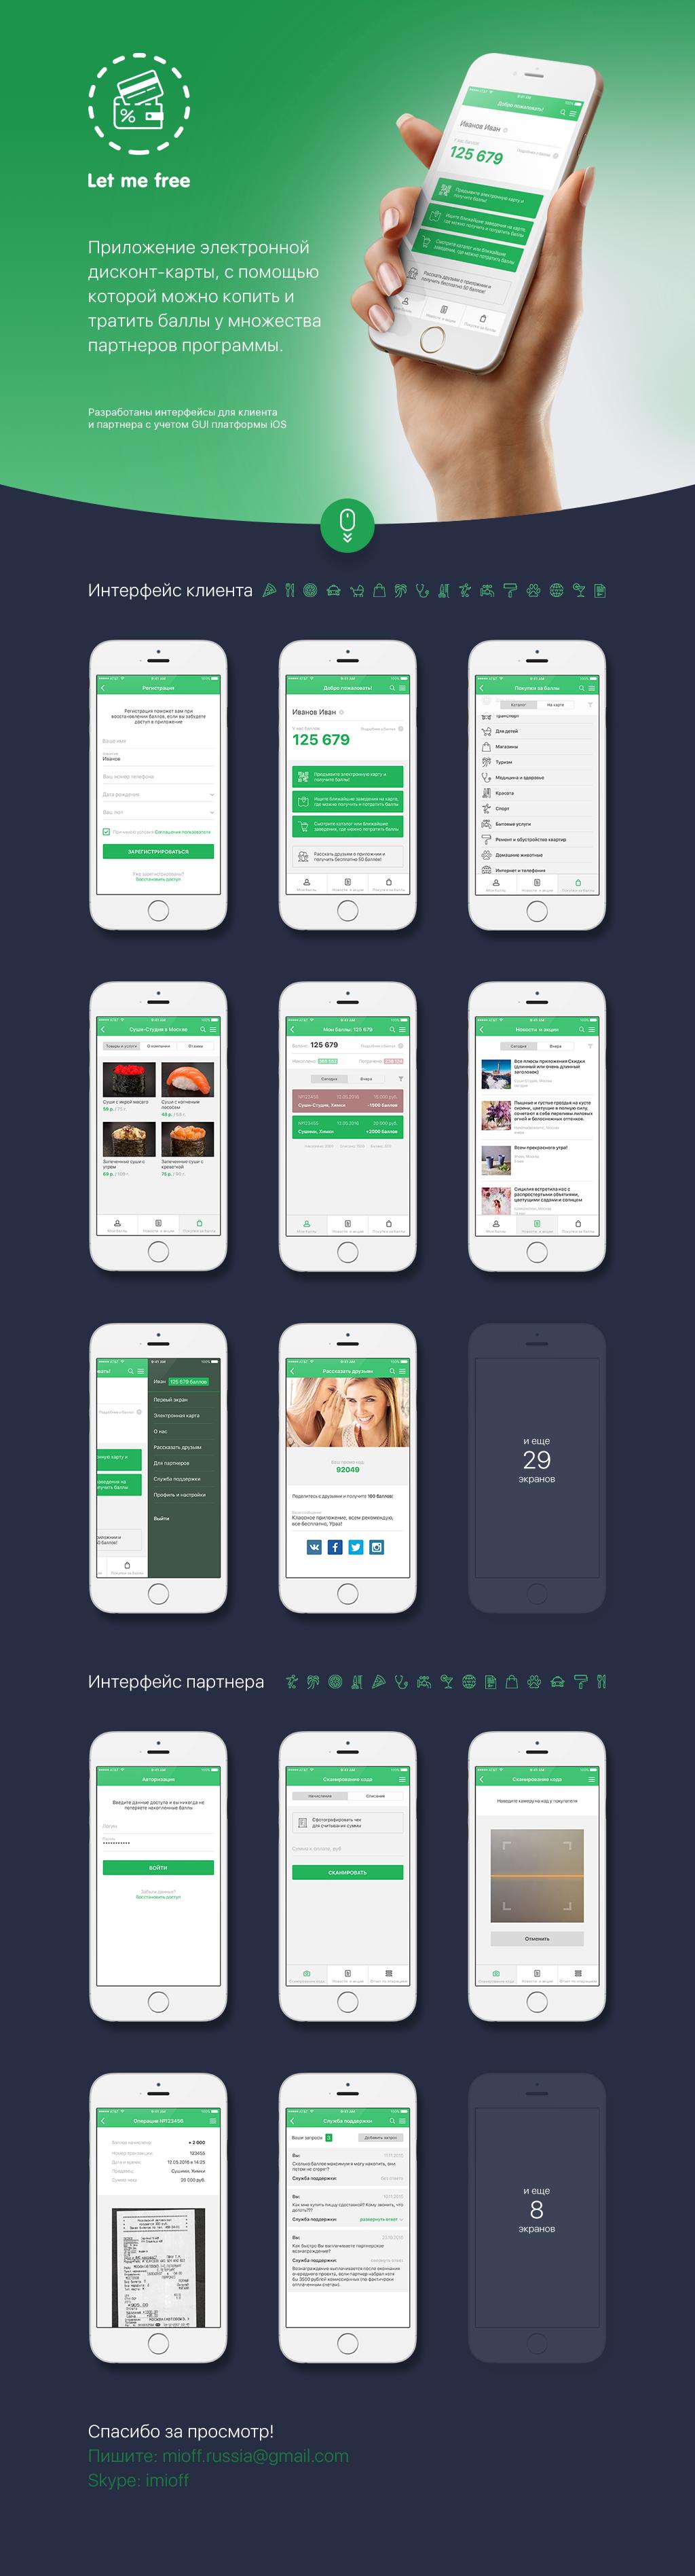 Разработать дизайн сайта и мобильного приложения фото f_503598d858b6d261.png